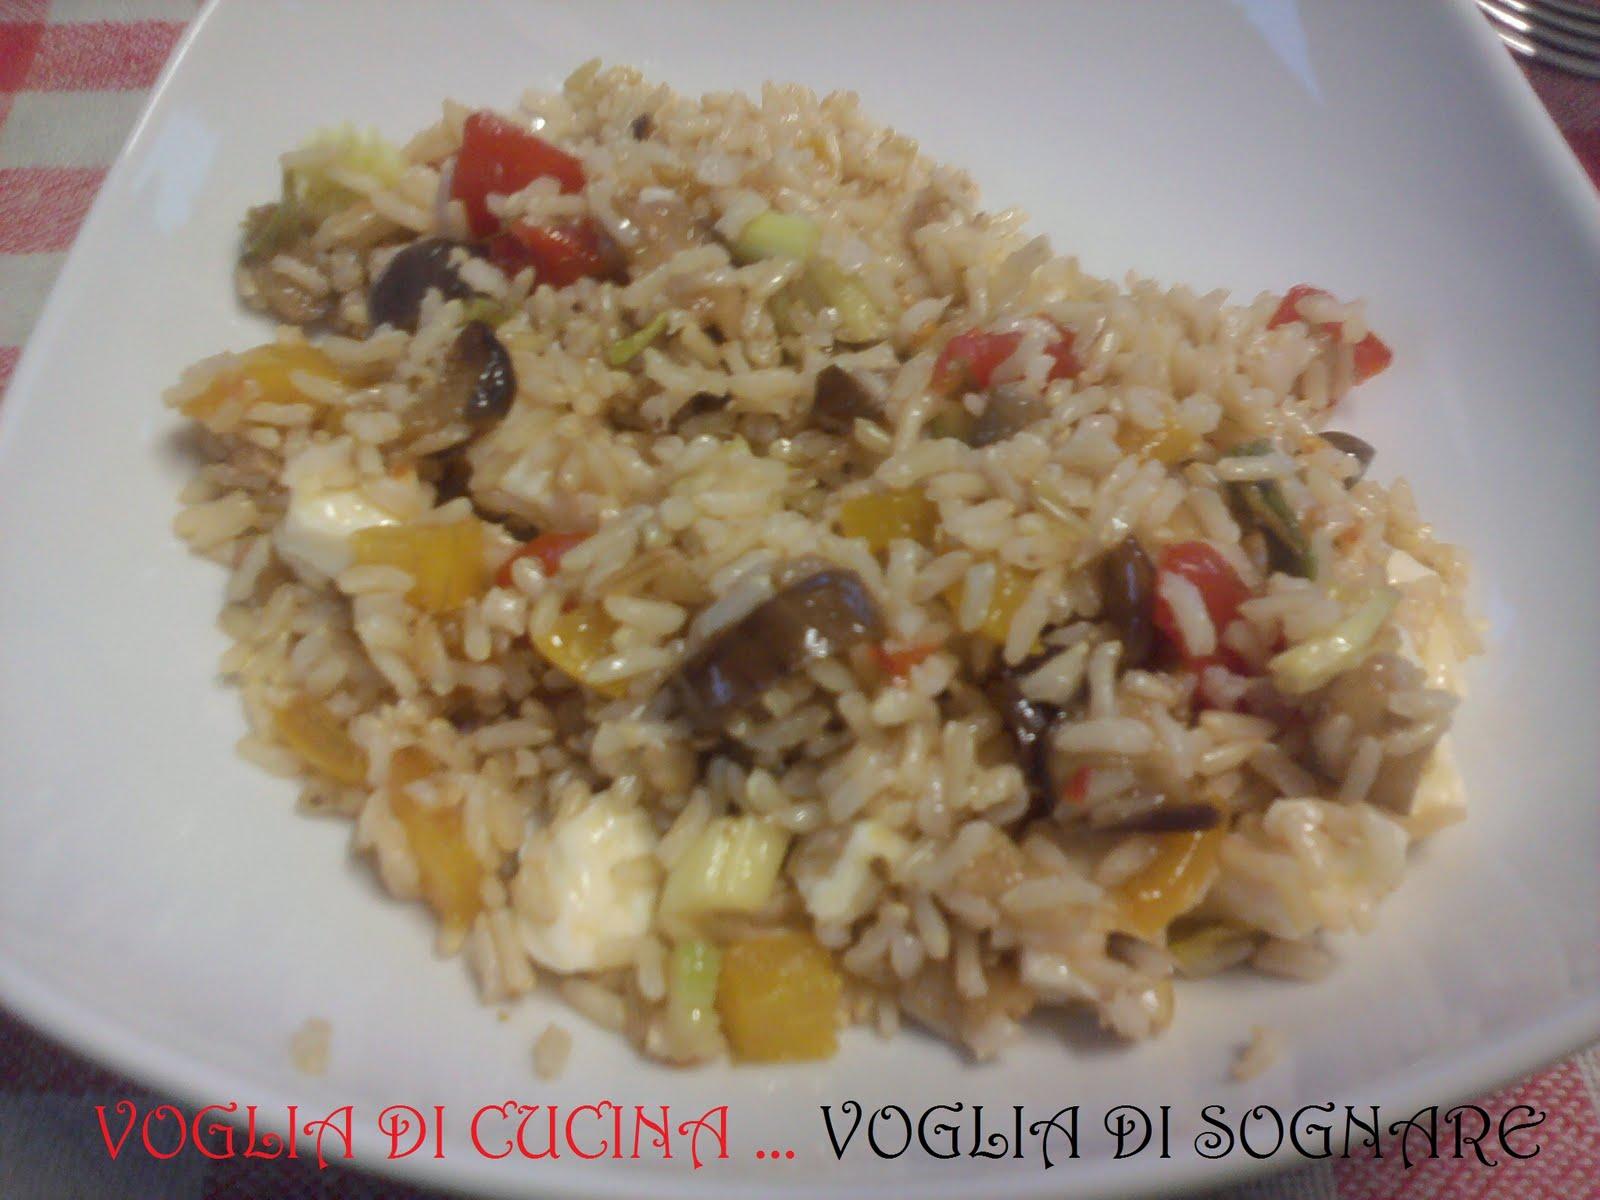 Voglia di cucina voglia di sognare riso freddo vegetariano for Cucinare vegetariano